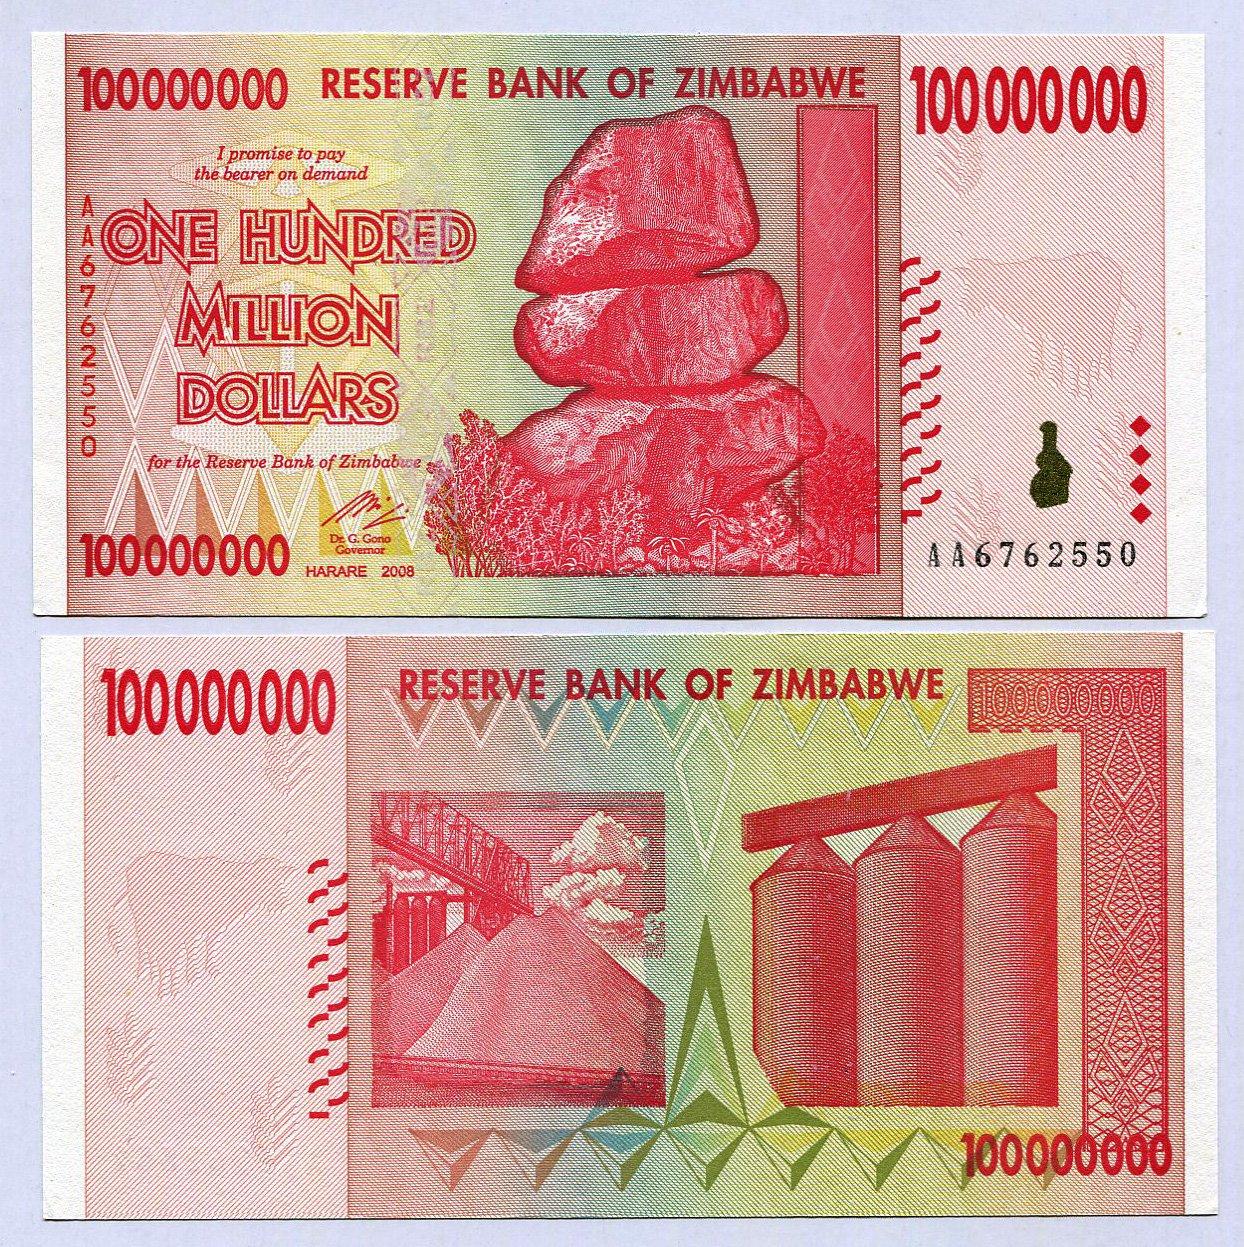 Zimbabwe 100millones de dólares 2008unc, mundo inflación Record, moneda billetes de banco RBZ